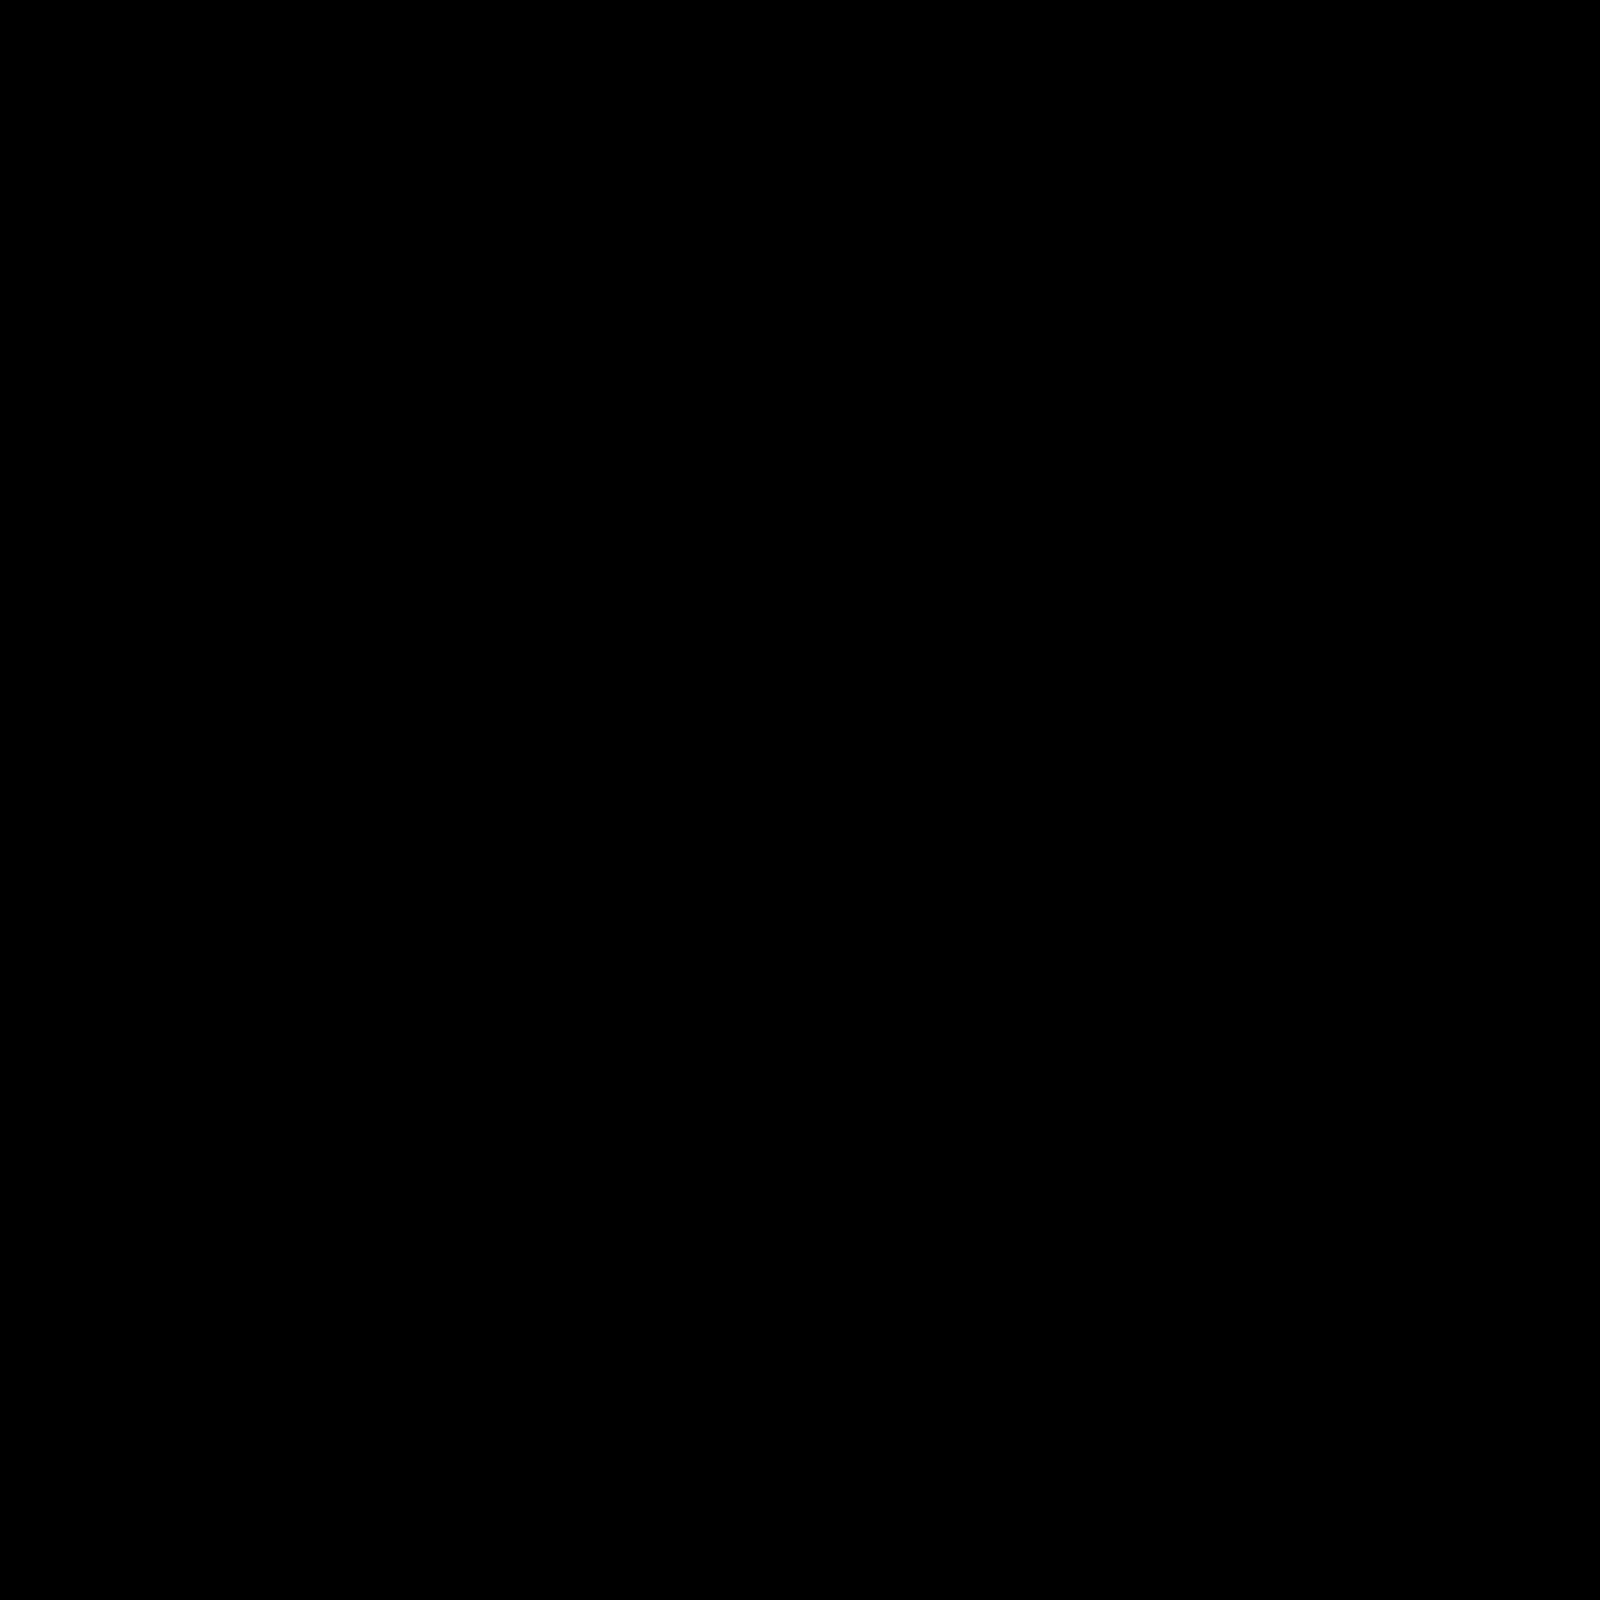 重複 icon